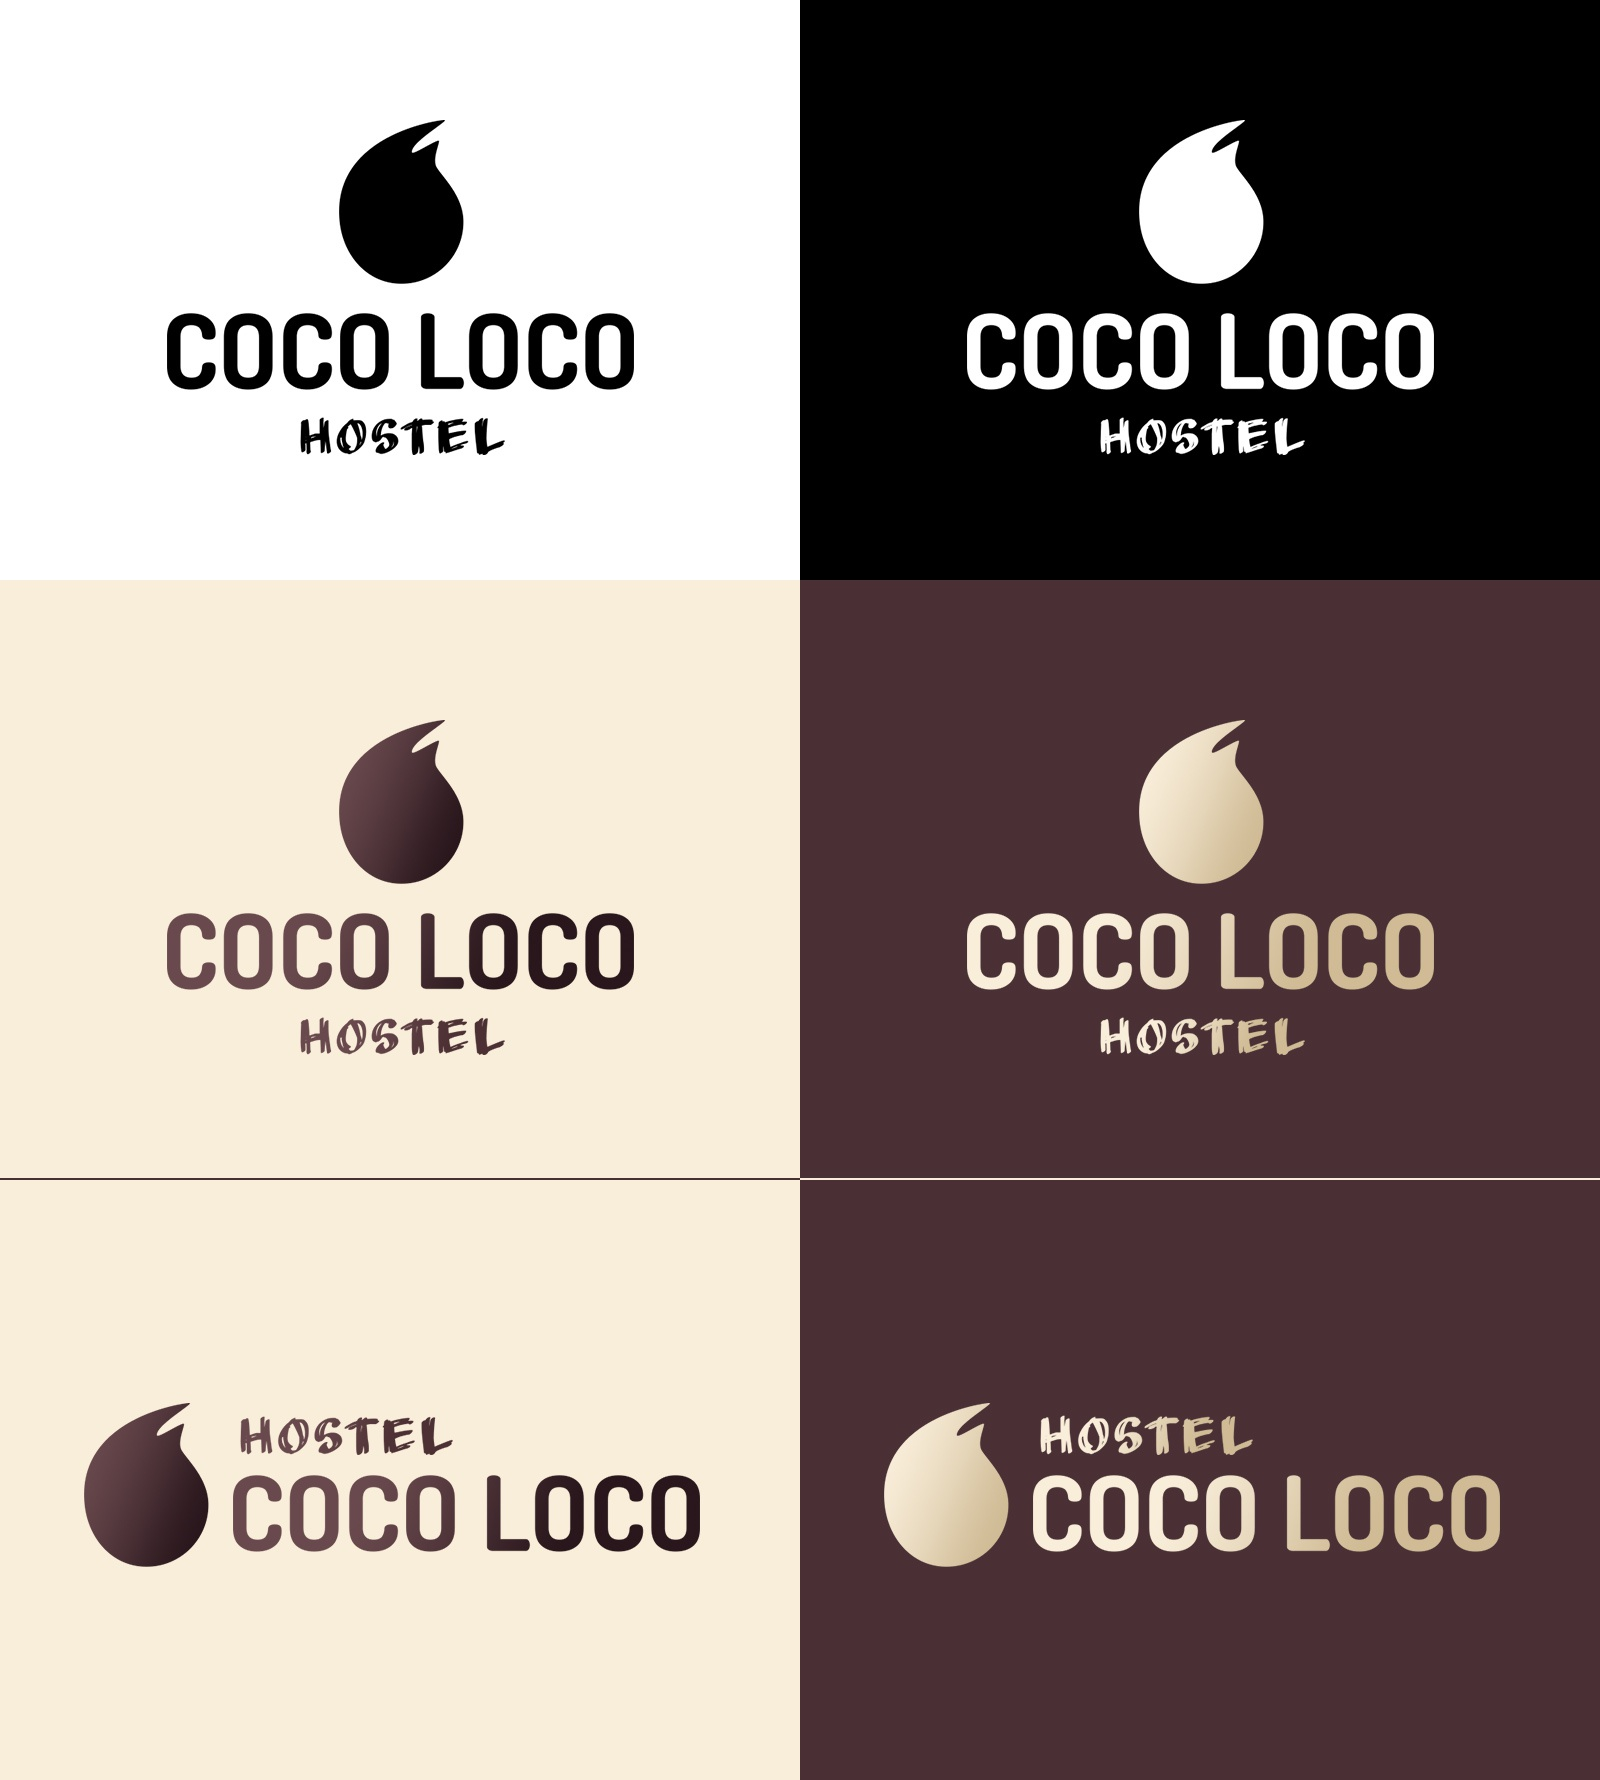 Coco loco logo variations